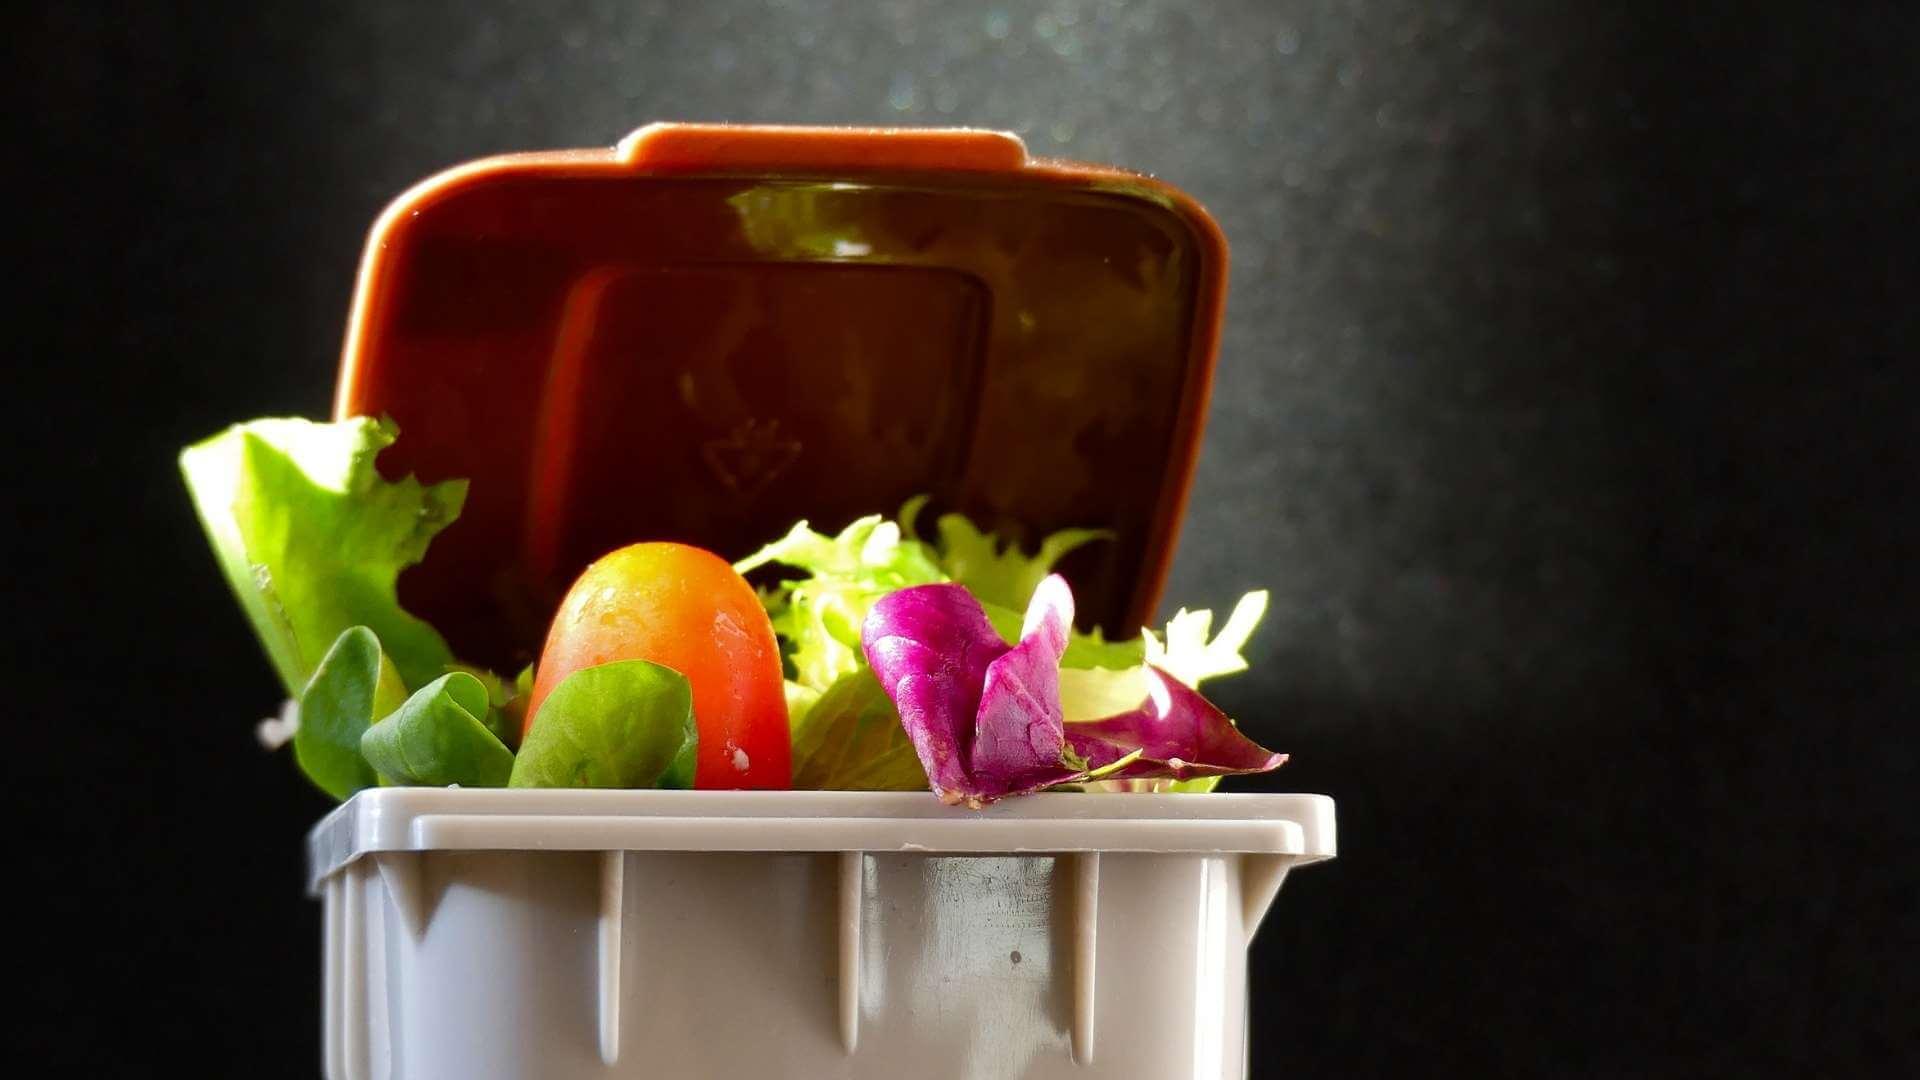 Raport global:  Oamenii aruncă anual 1 miliard de tone de mâncare, echivalentul a 25 de milioane de tiruri